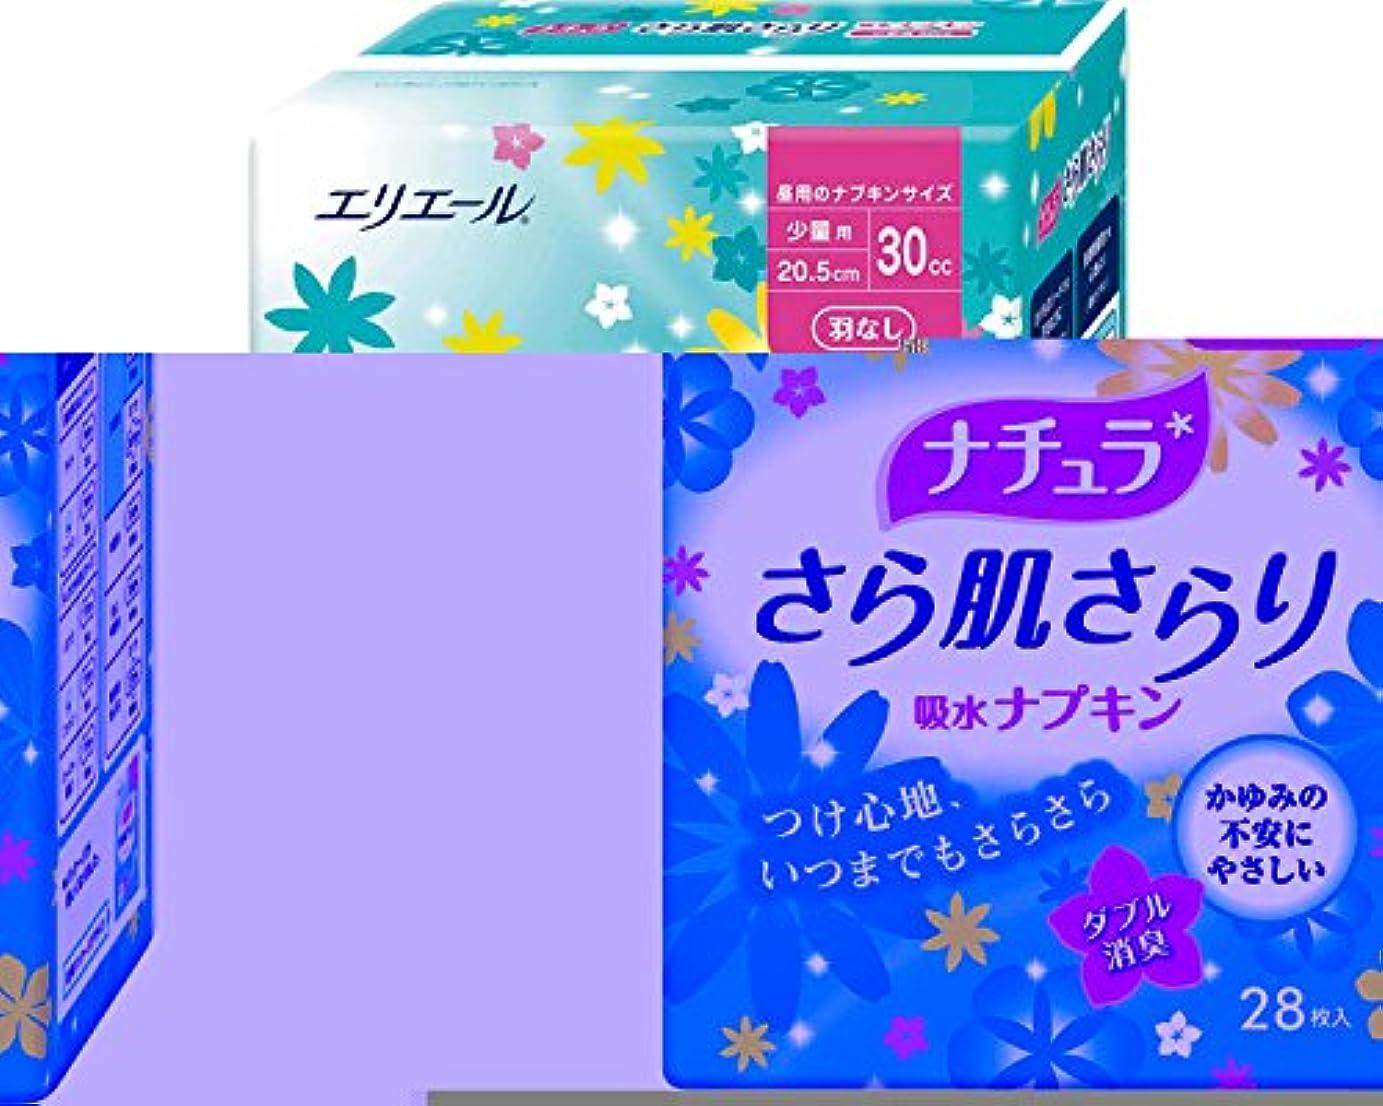 ビクターサミット一族キレイキレイ薬用ハンドソープ 4L (ライオンハイジーン) (清拭小物)